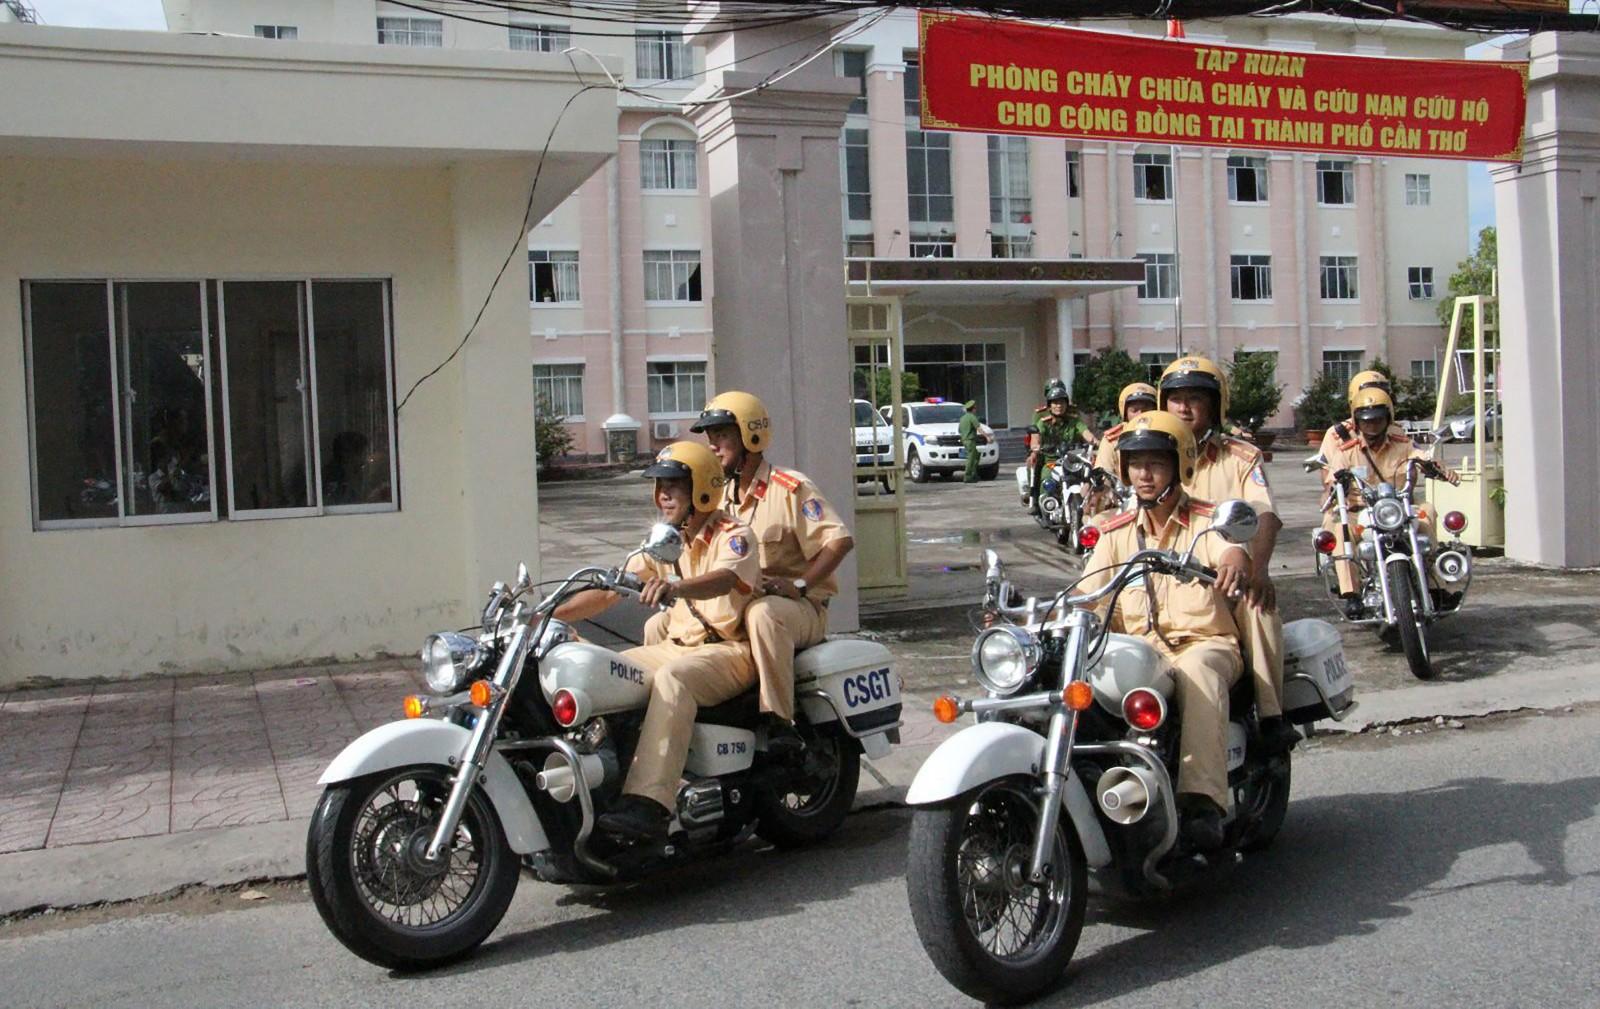 Công an quận Ninh Kiều ra quân đảm bảo an ninh trật tự, trật tự an toàn giao thông dịp Tết Nguyên đán 2019. Ảnh: PHAN TẠI